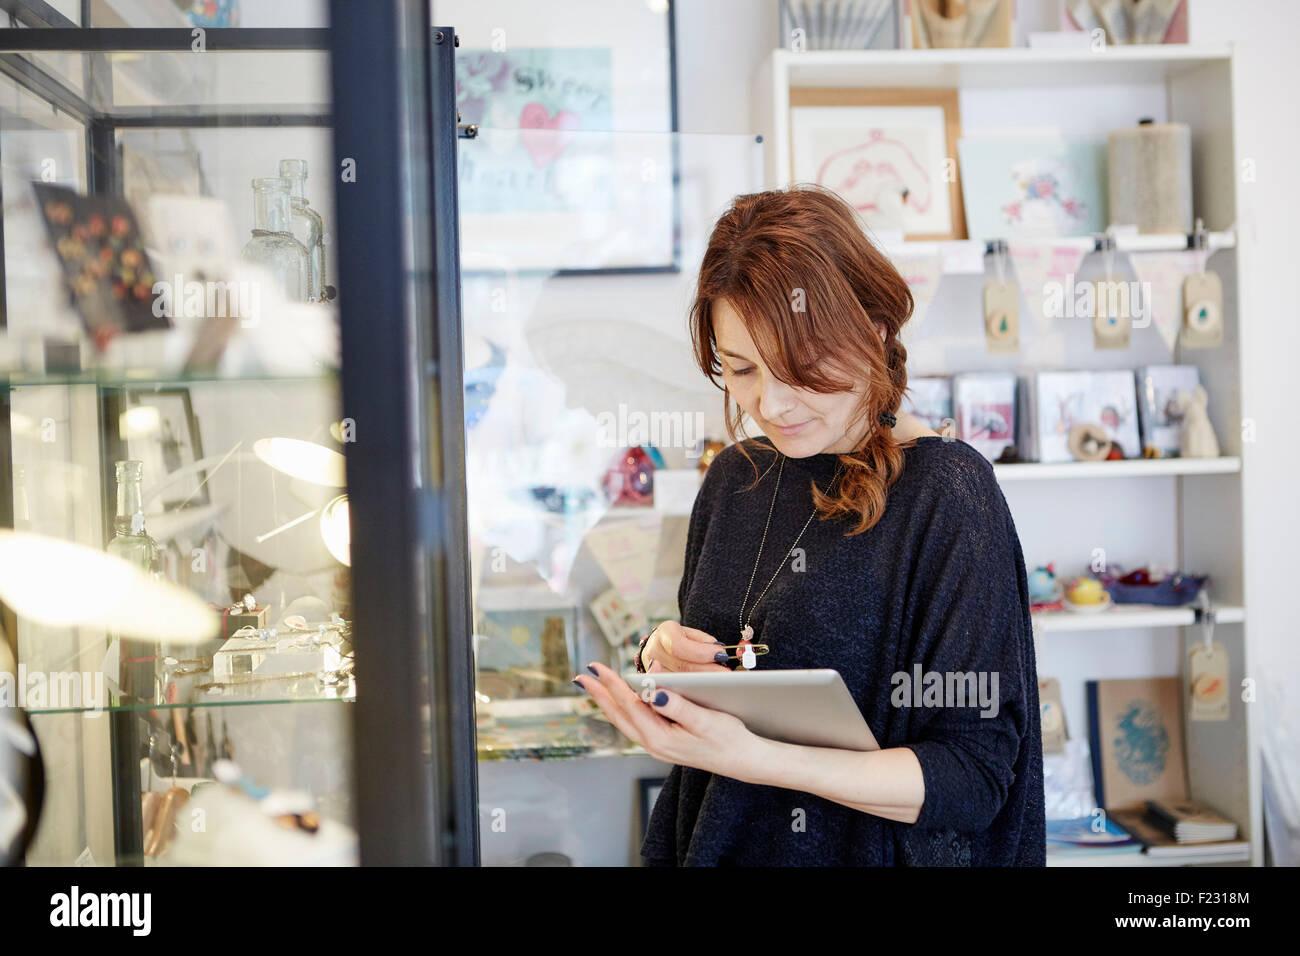 Una mujer madura con una tableta digital, utilizando la pantalla táctil, el balance en una pequeña tienda Imagen De Stock